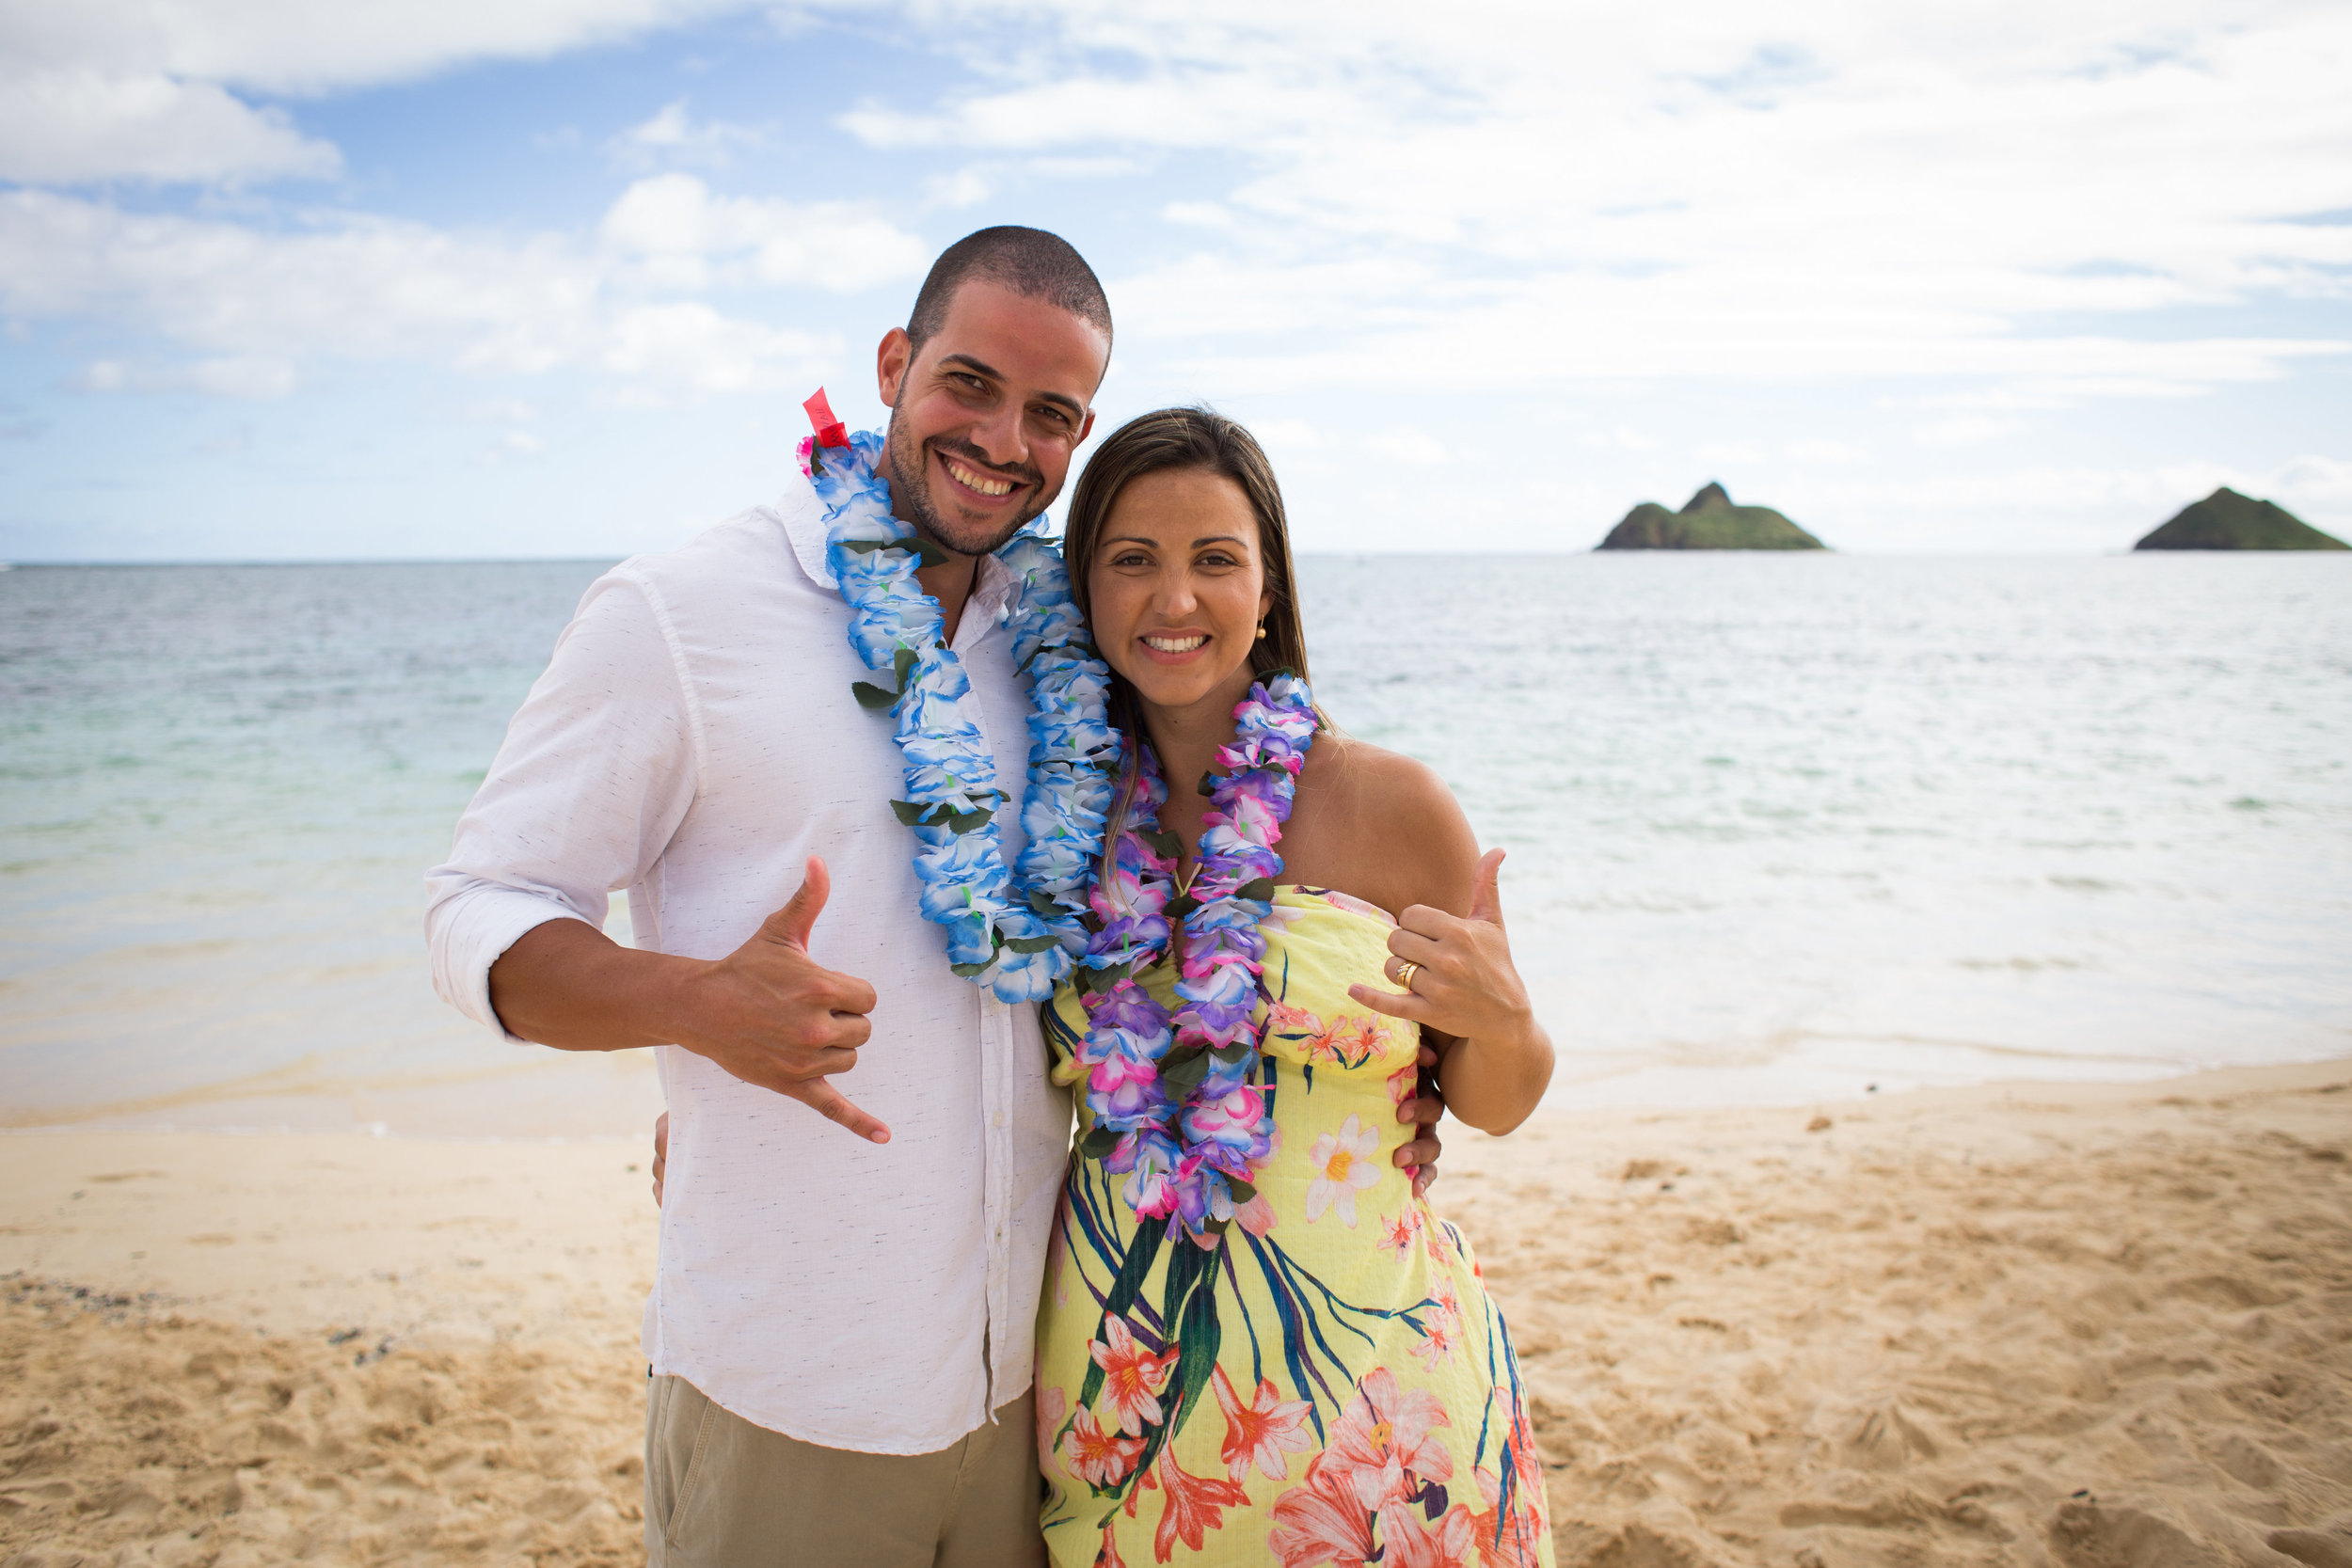 ensaio fotografico no havai ensaio em honolulu7.jpg